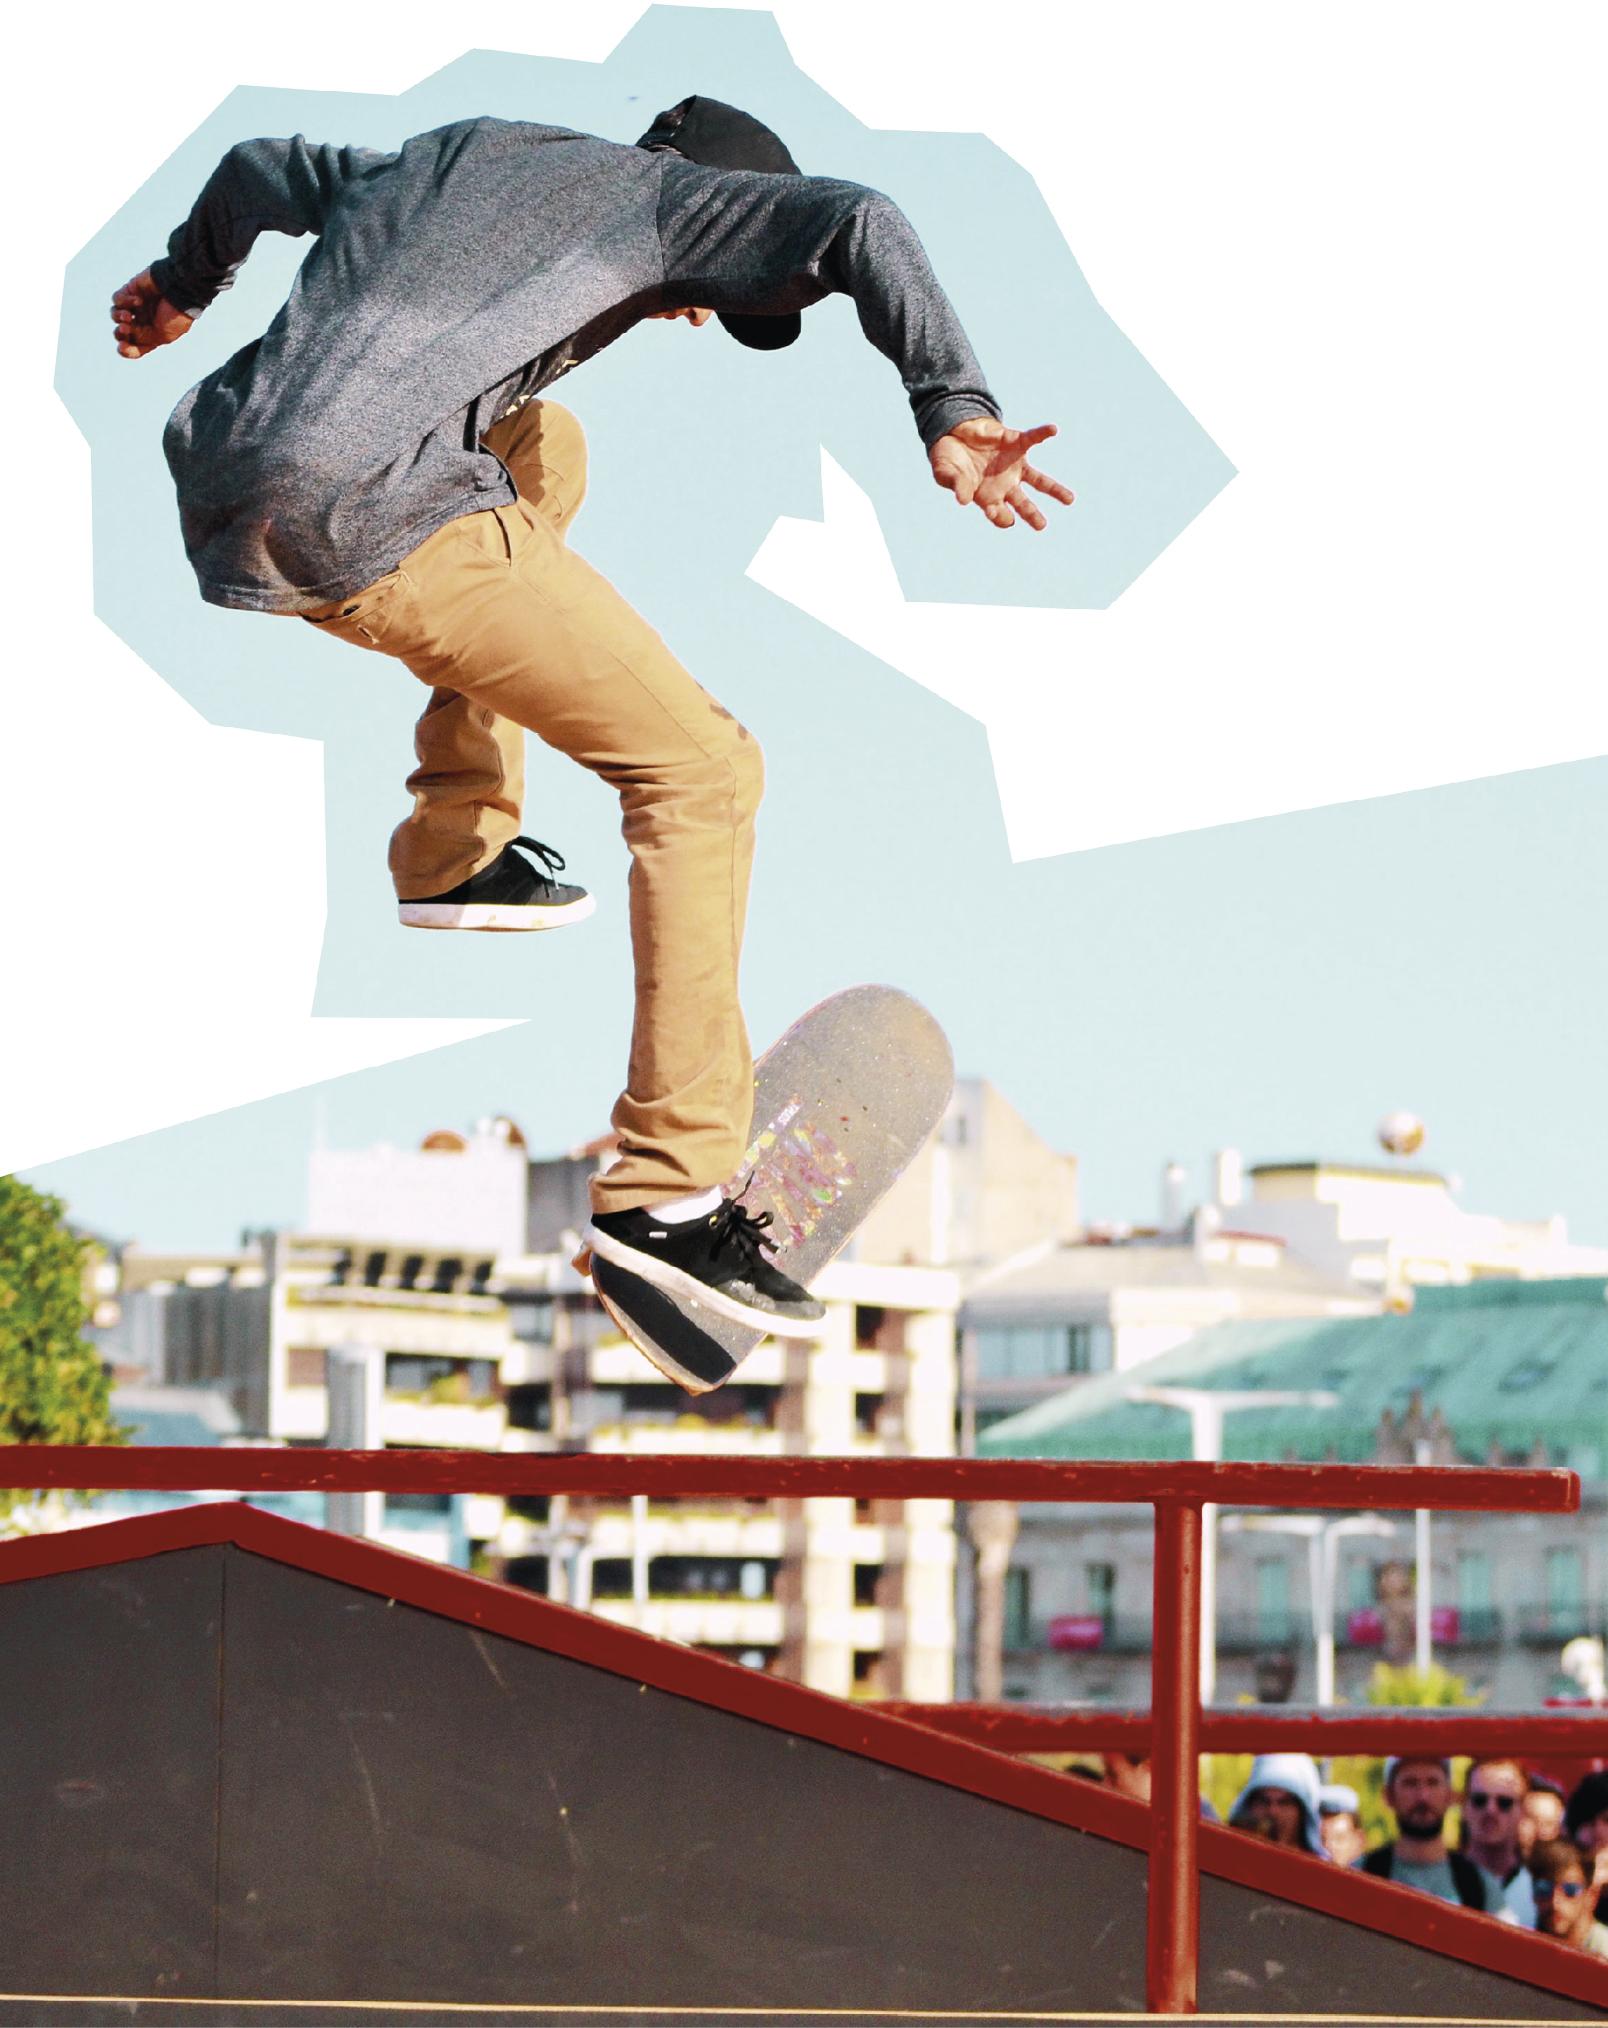 Foto: Jovem salta de skate, Jorge Gonzalez | Unsplash